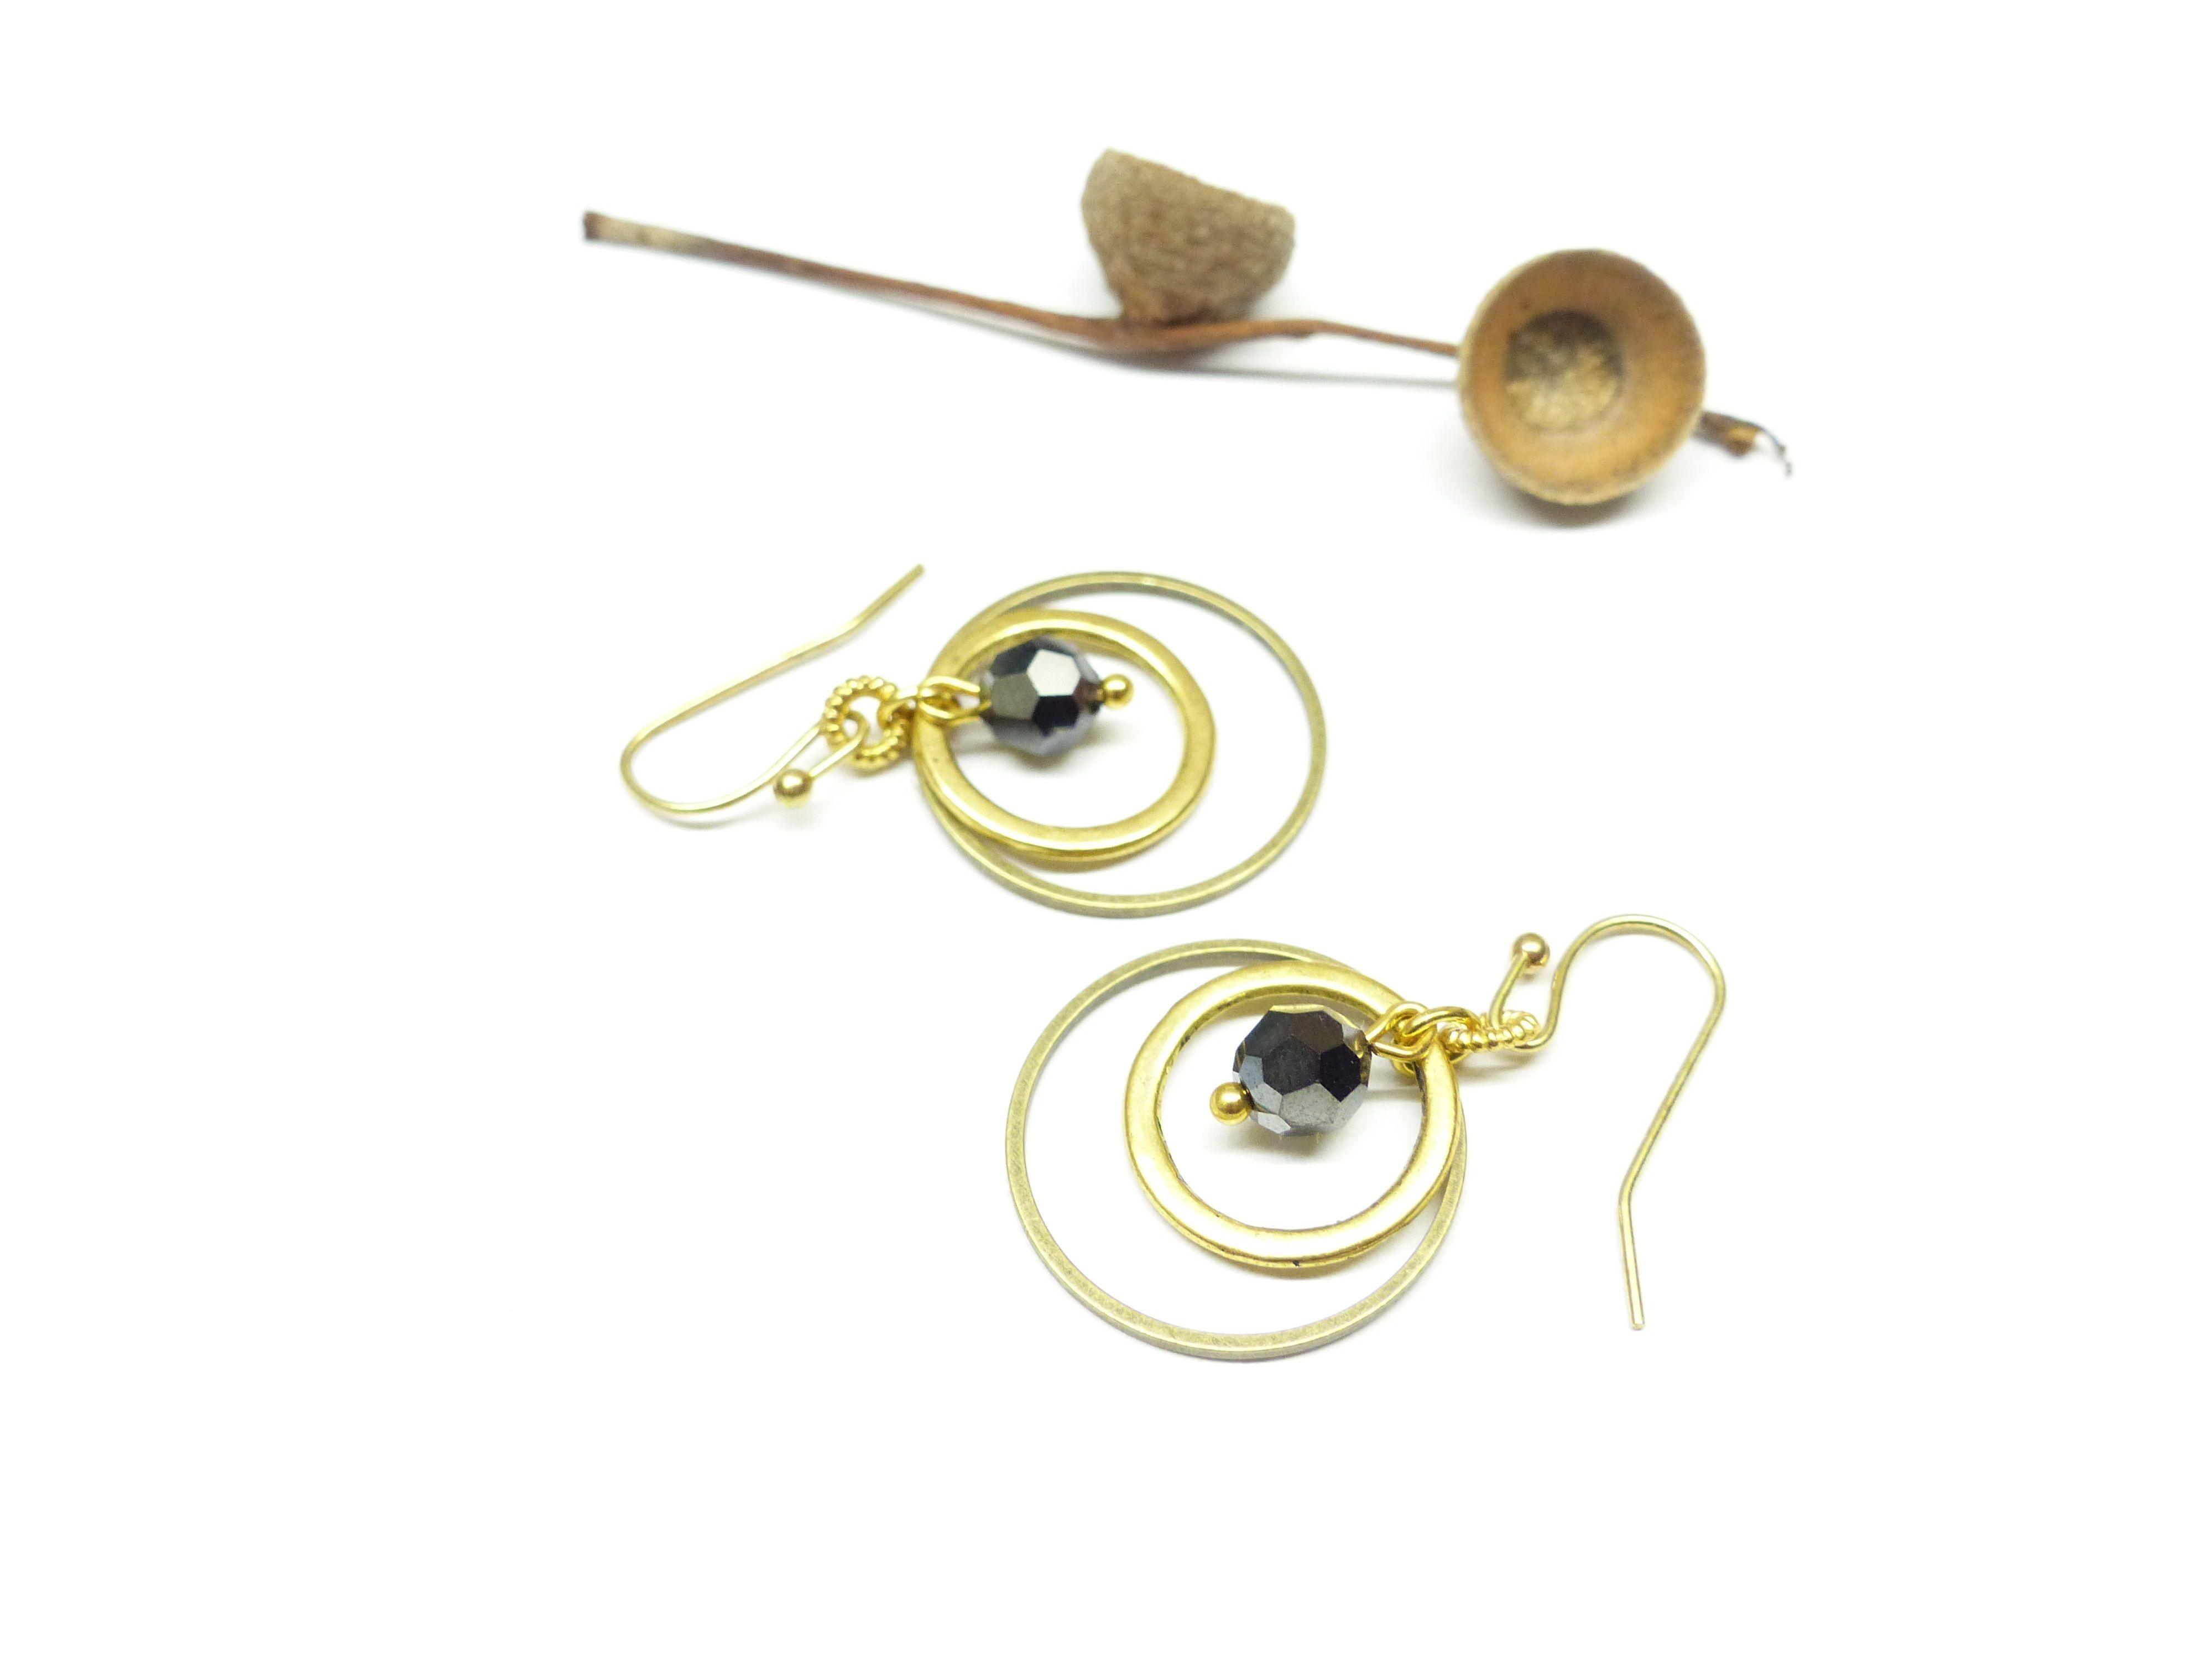 """11,90€ """" Éclatantes """" Boucles d'oreille créoles noires et dorées. Boucles d'oreille cristal swarovski noir. Boucles d'oreille anneaux dorés et cristal noir. Boucles d'oreille chics anneaux dorés. Boucles d'oreille créoles dorées"""